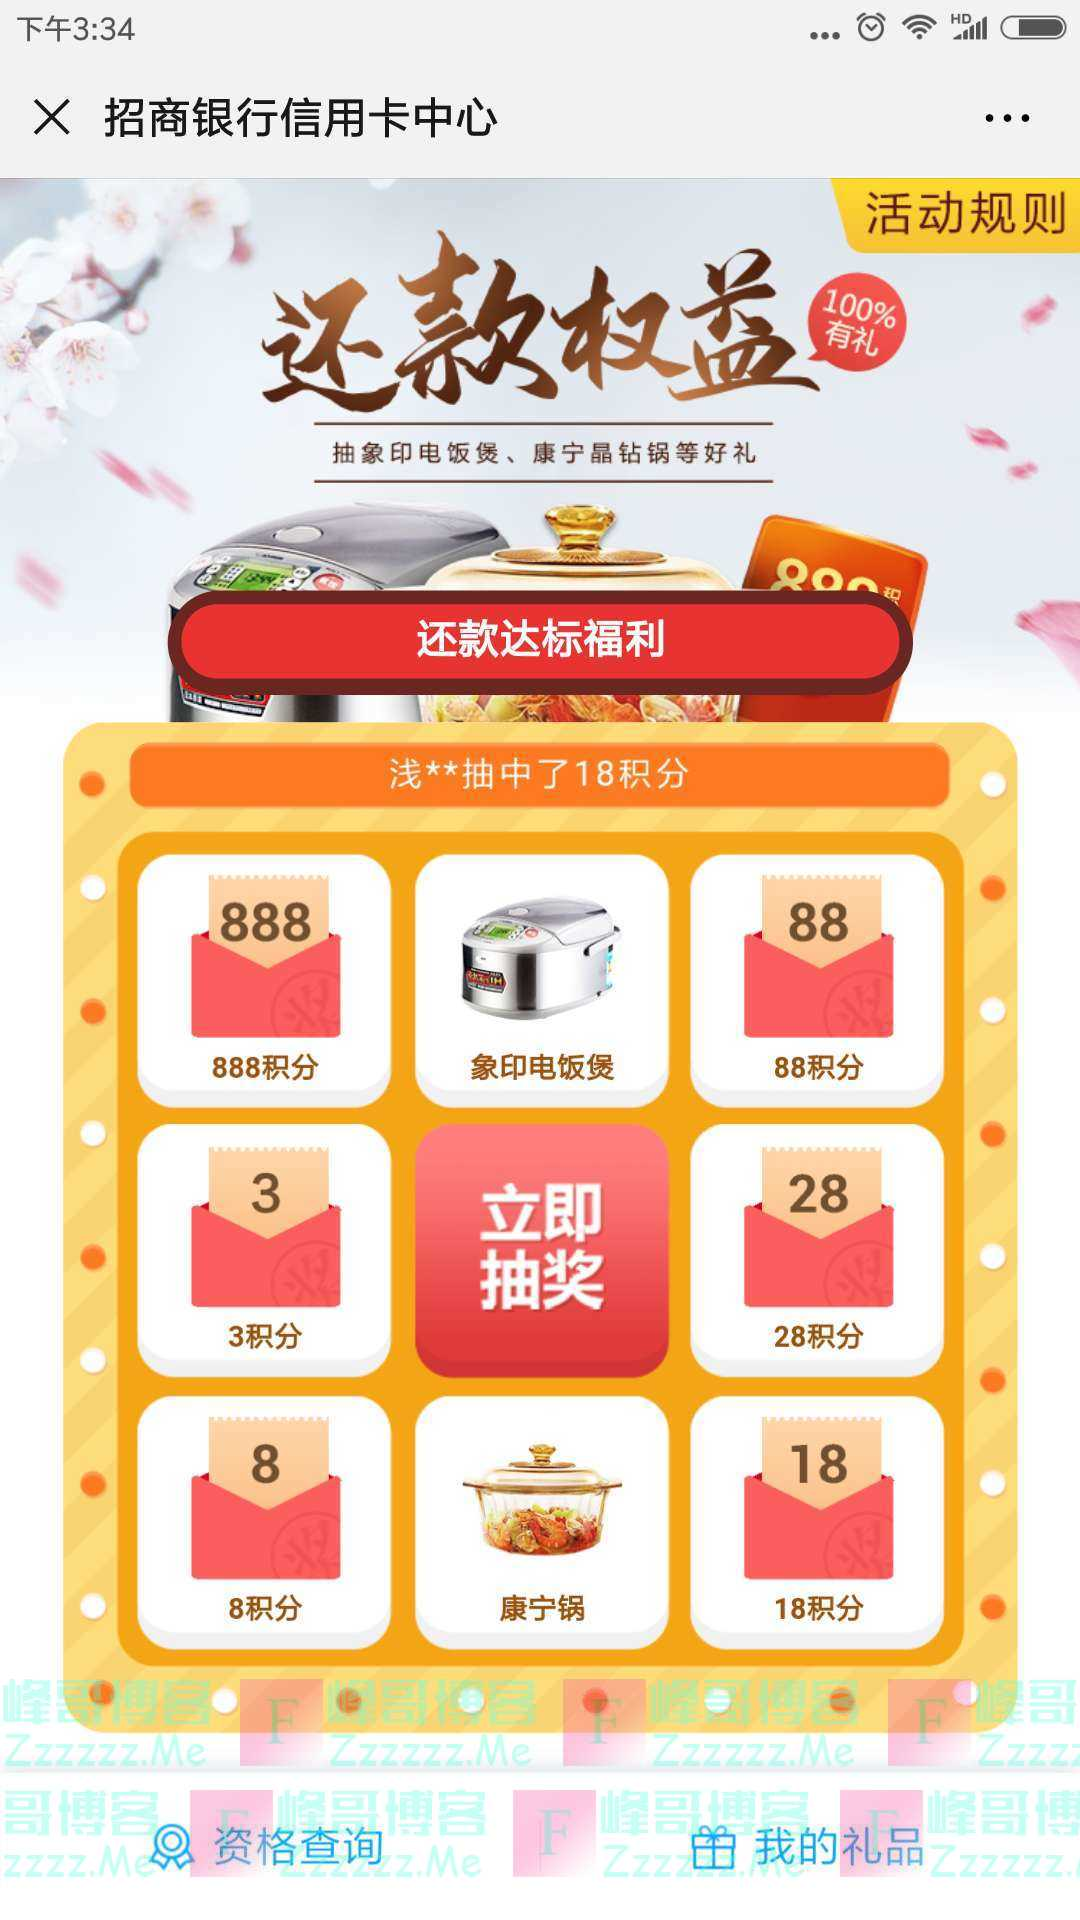 招商银行xing/用卡还款礼(截止3月31日)